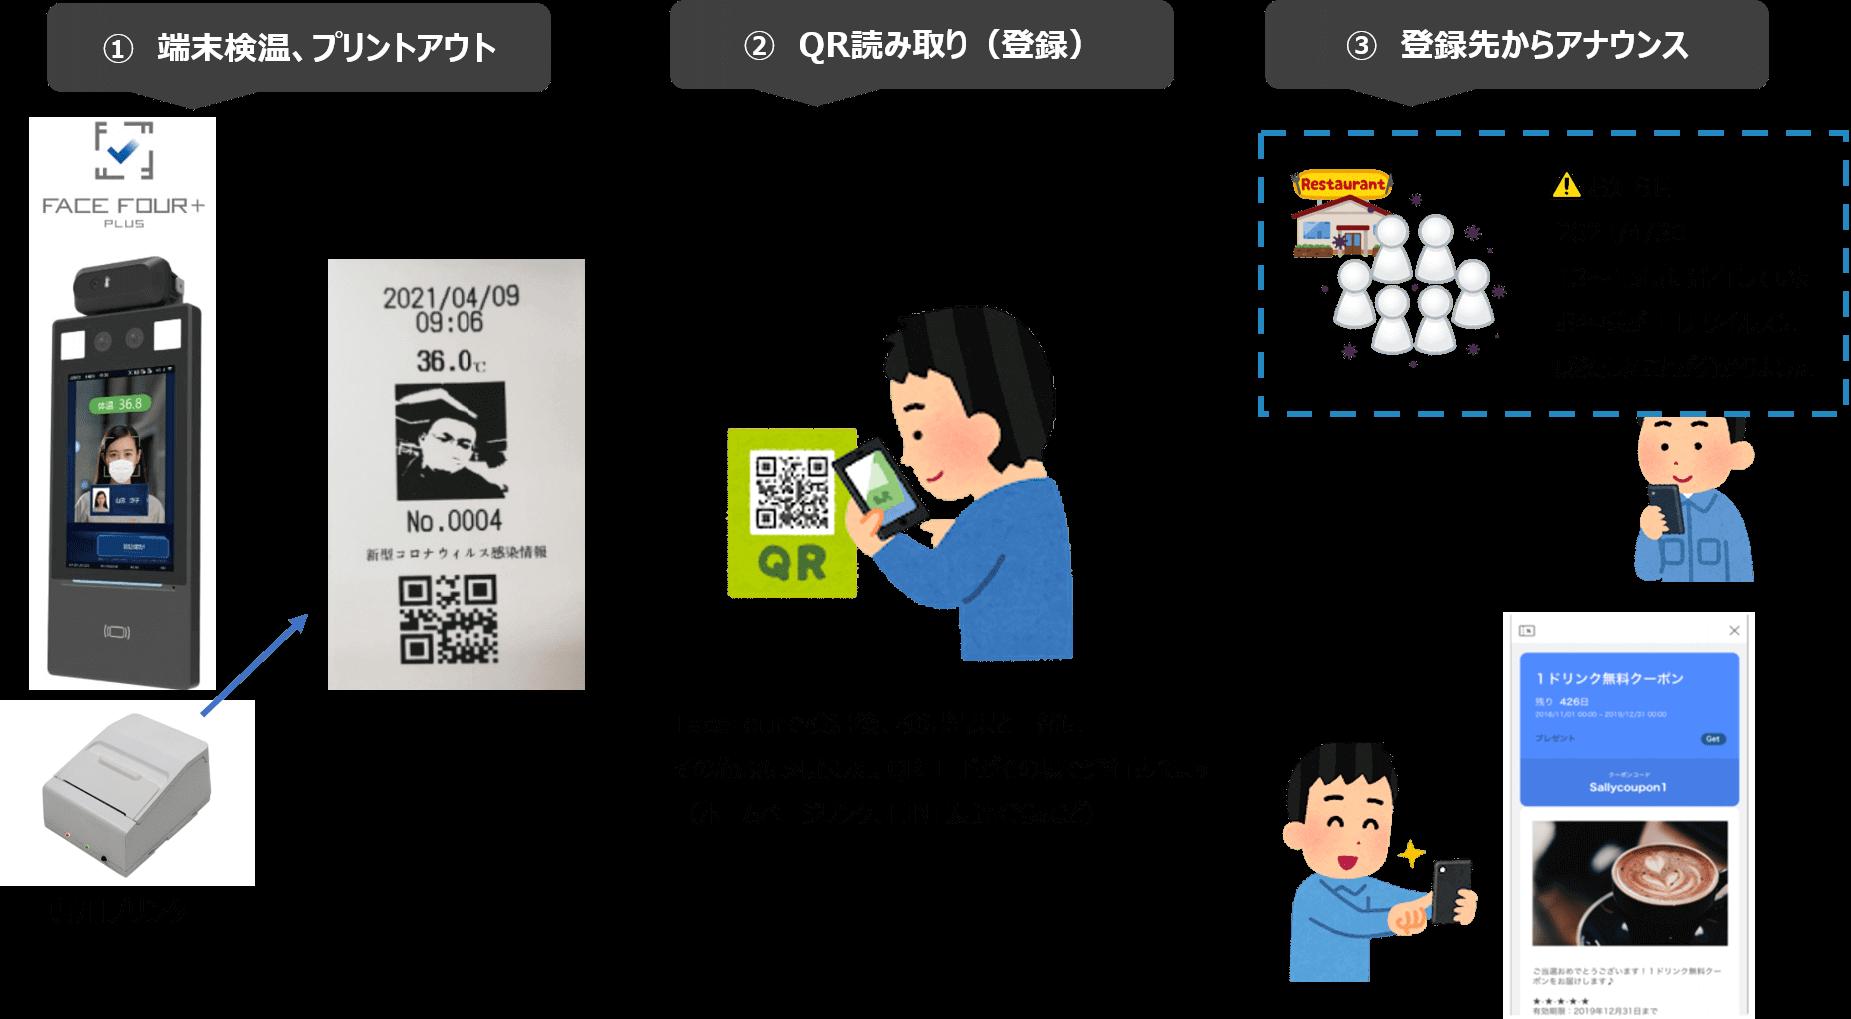 ダイワ通信 Face Four